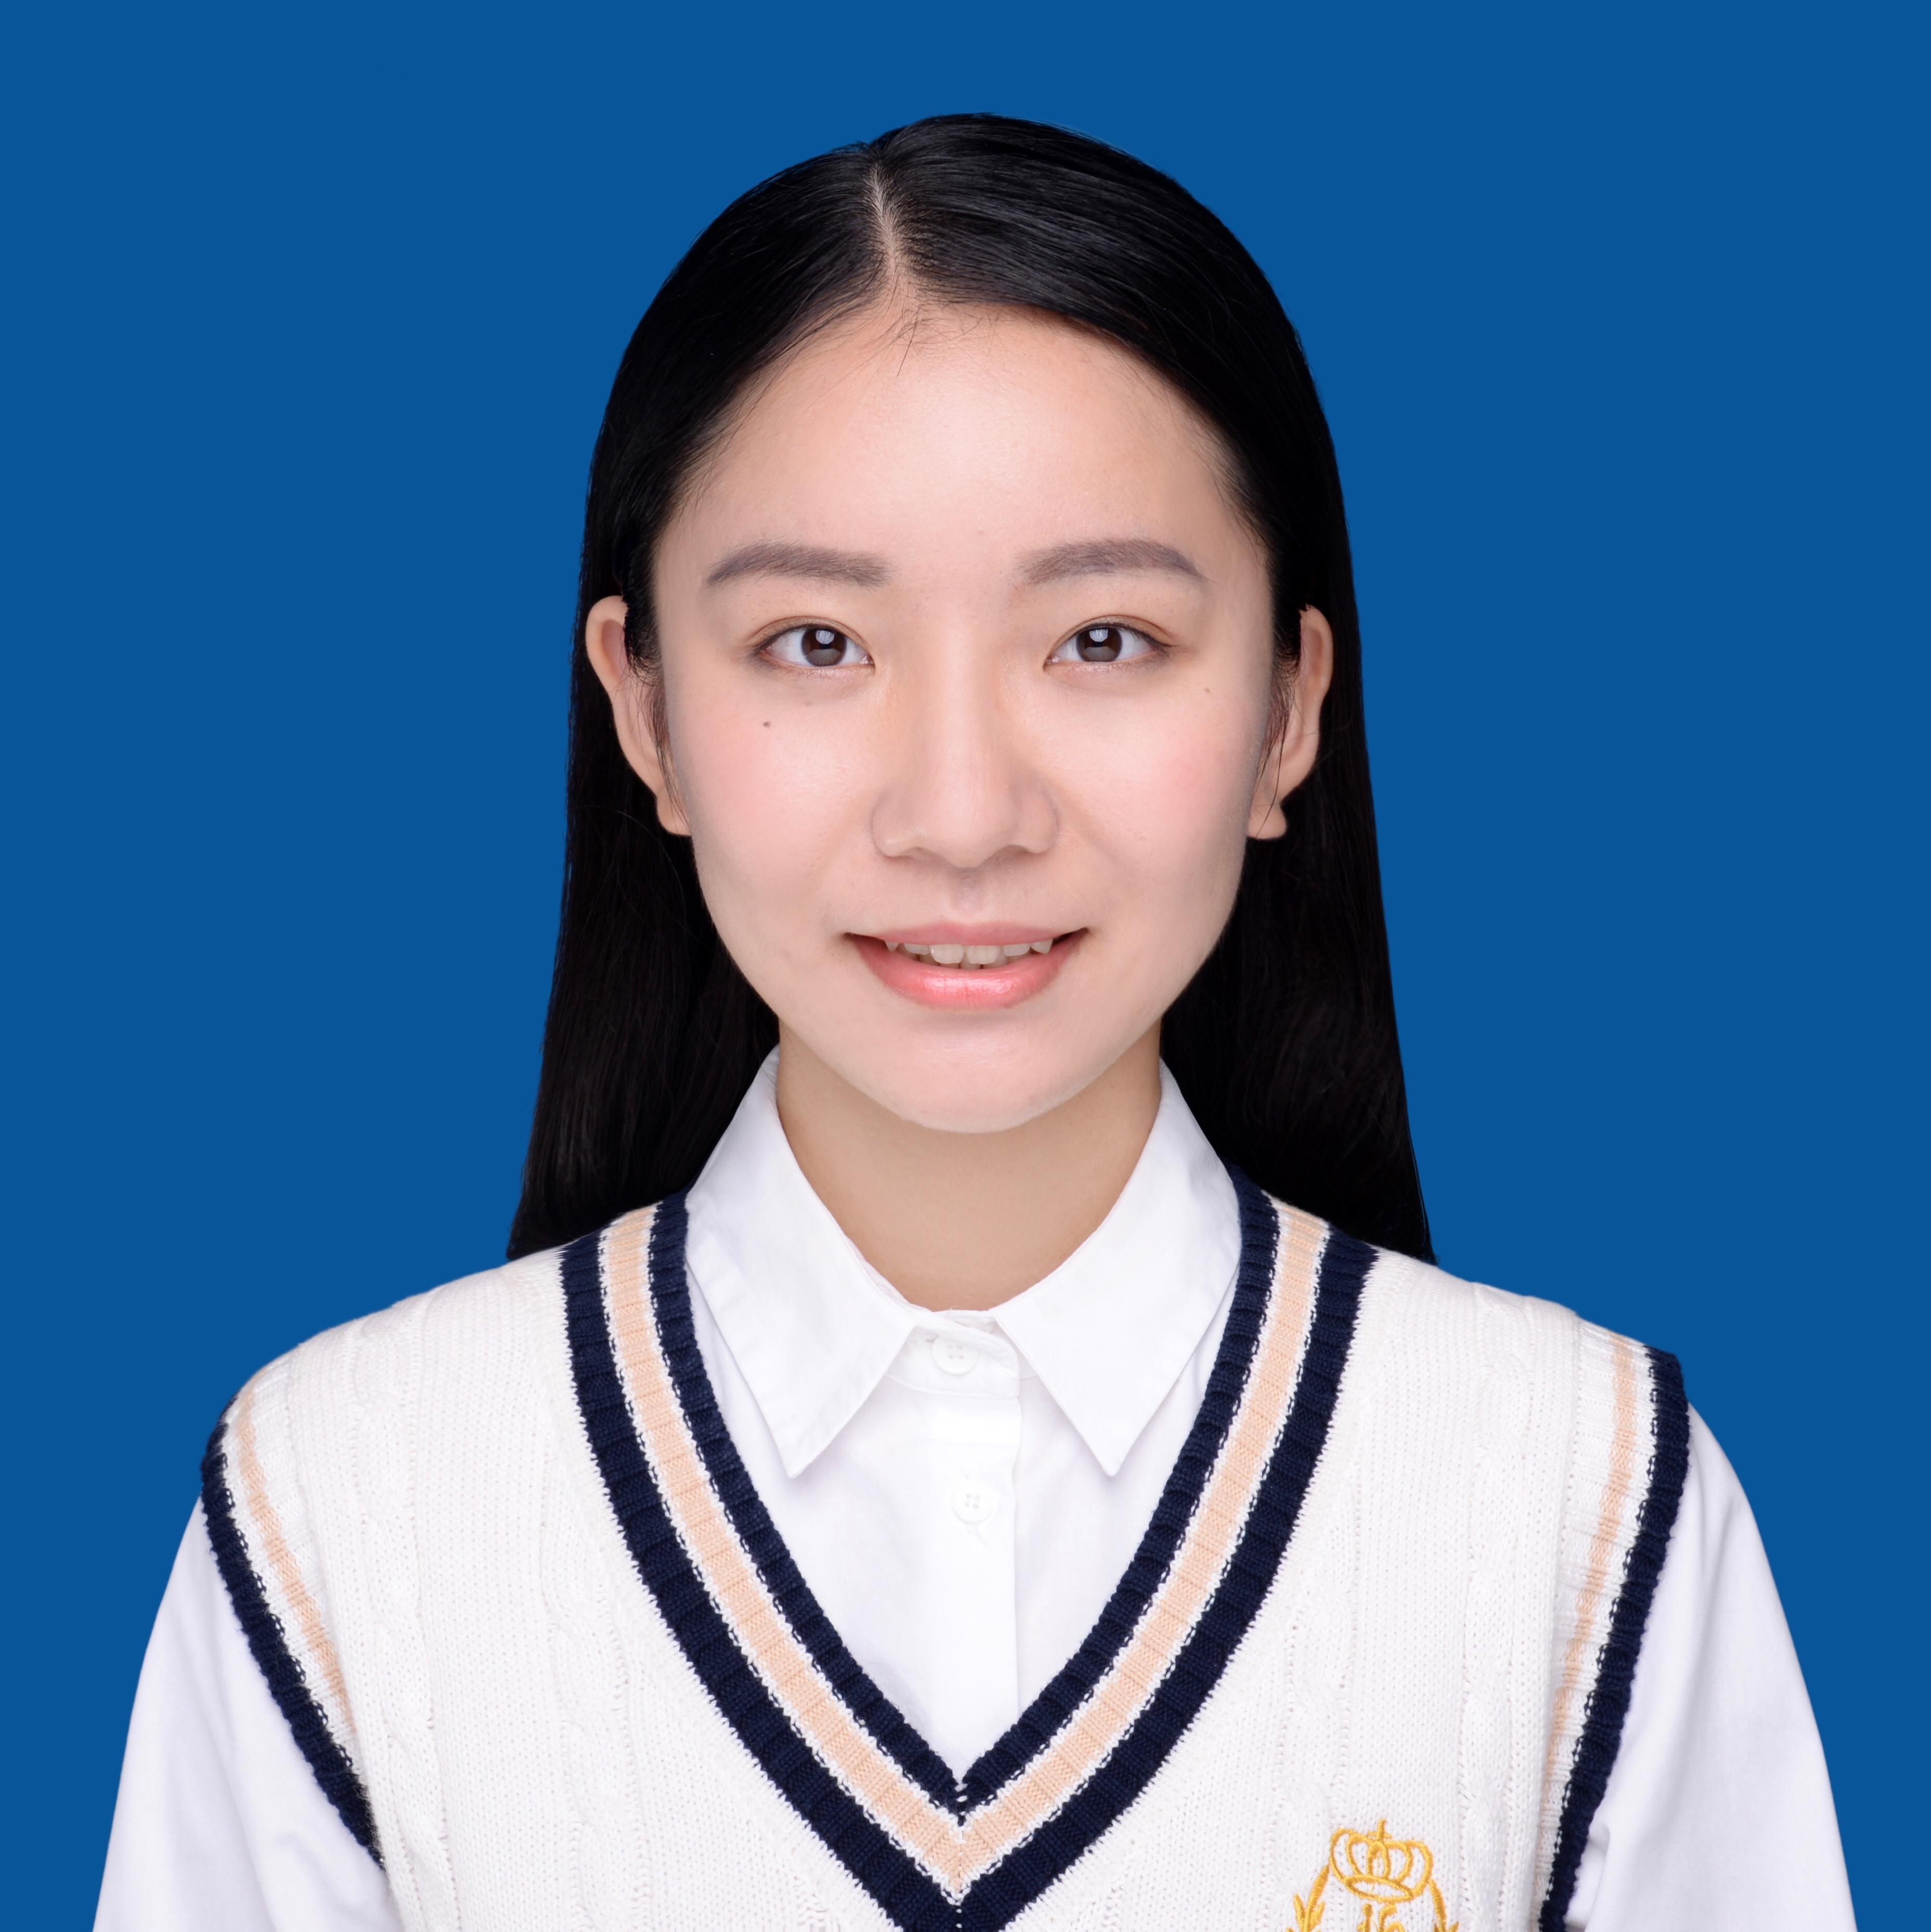 杭州家教谭教员